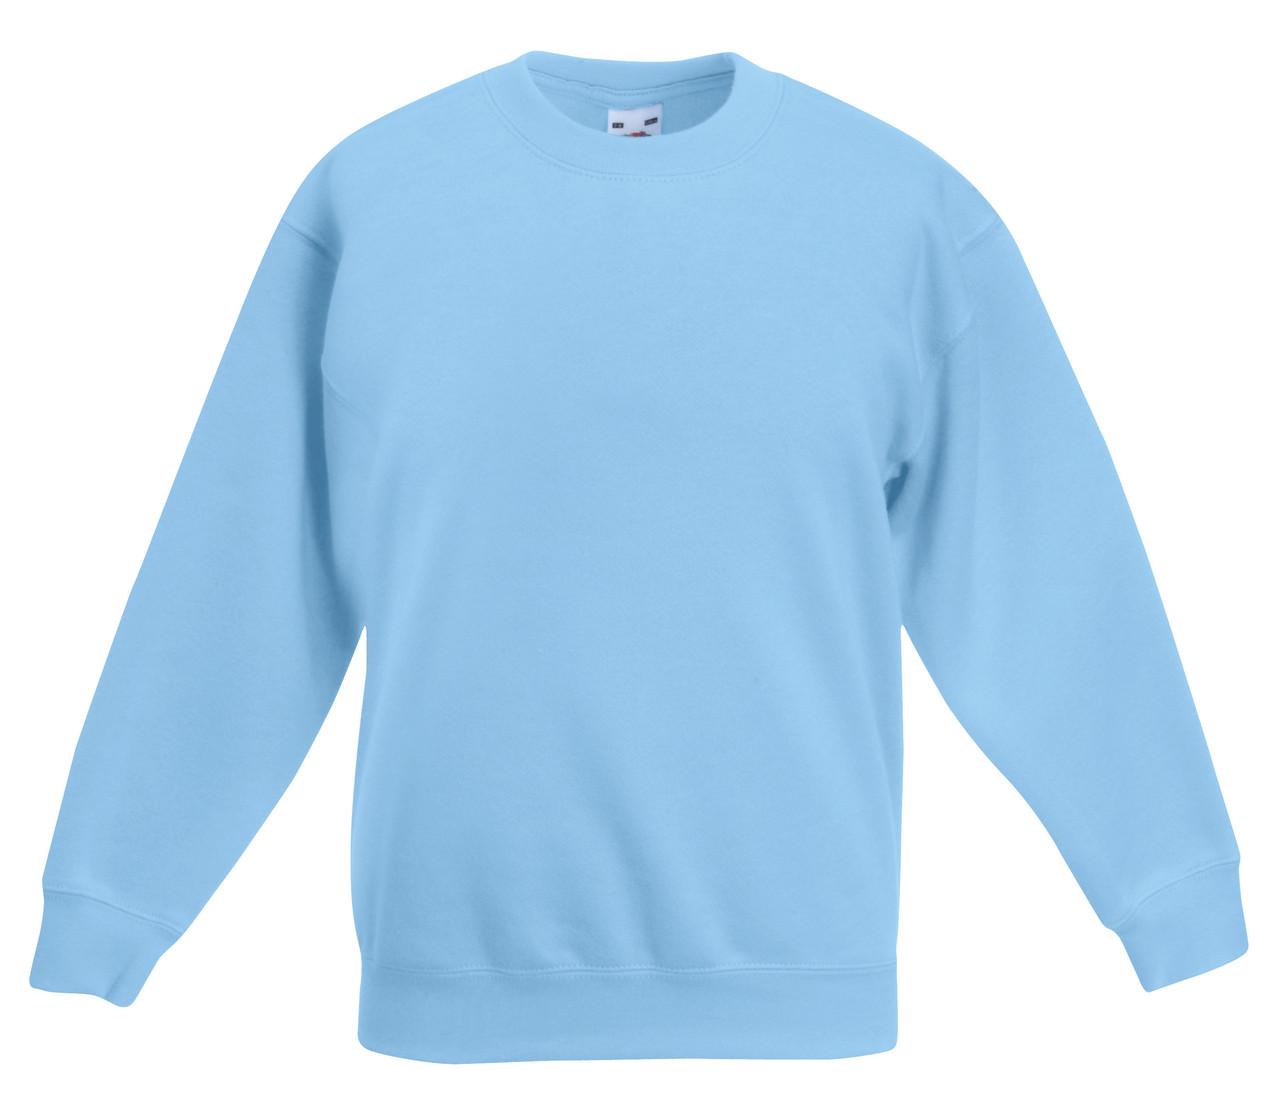 Детский классический свитер Небесно-голубой Fruit Of The Loom  62-041-YT 14-15